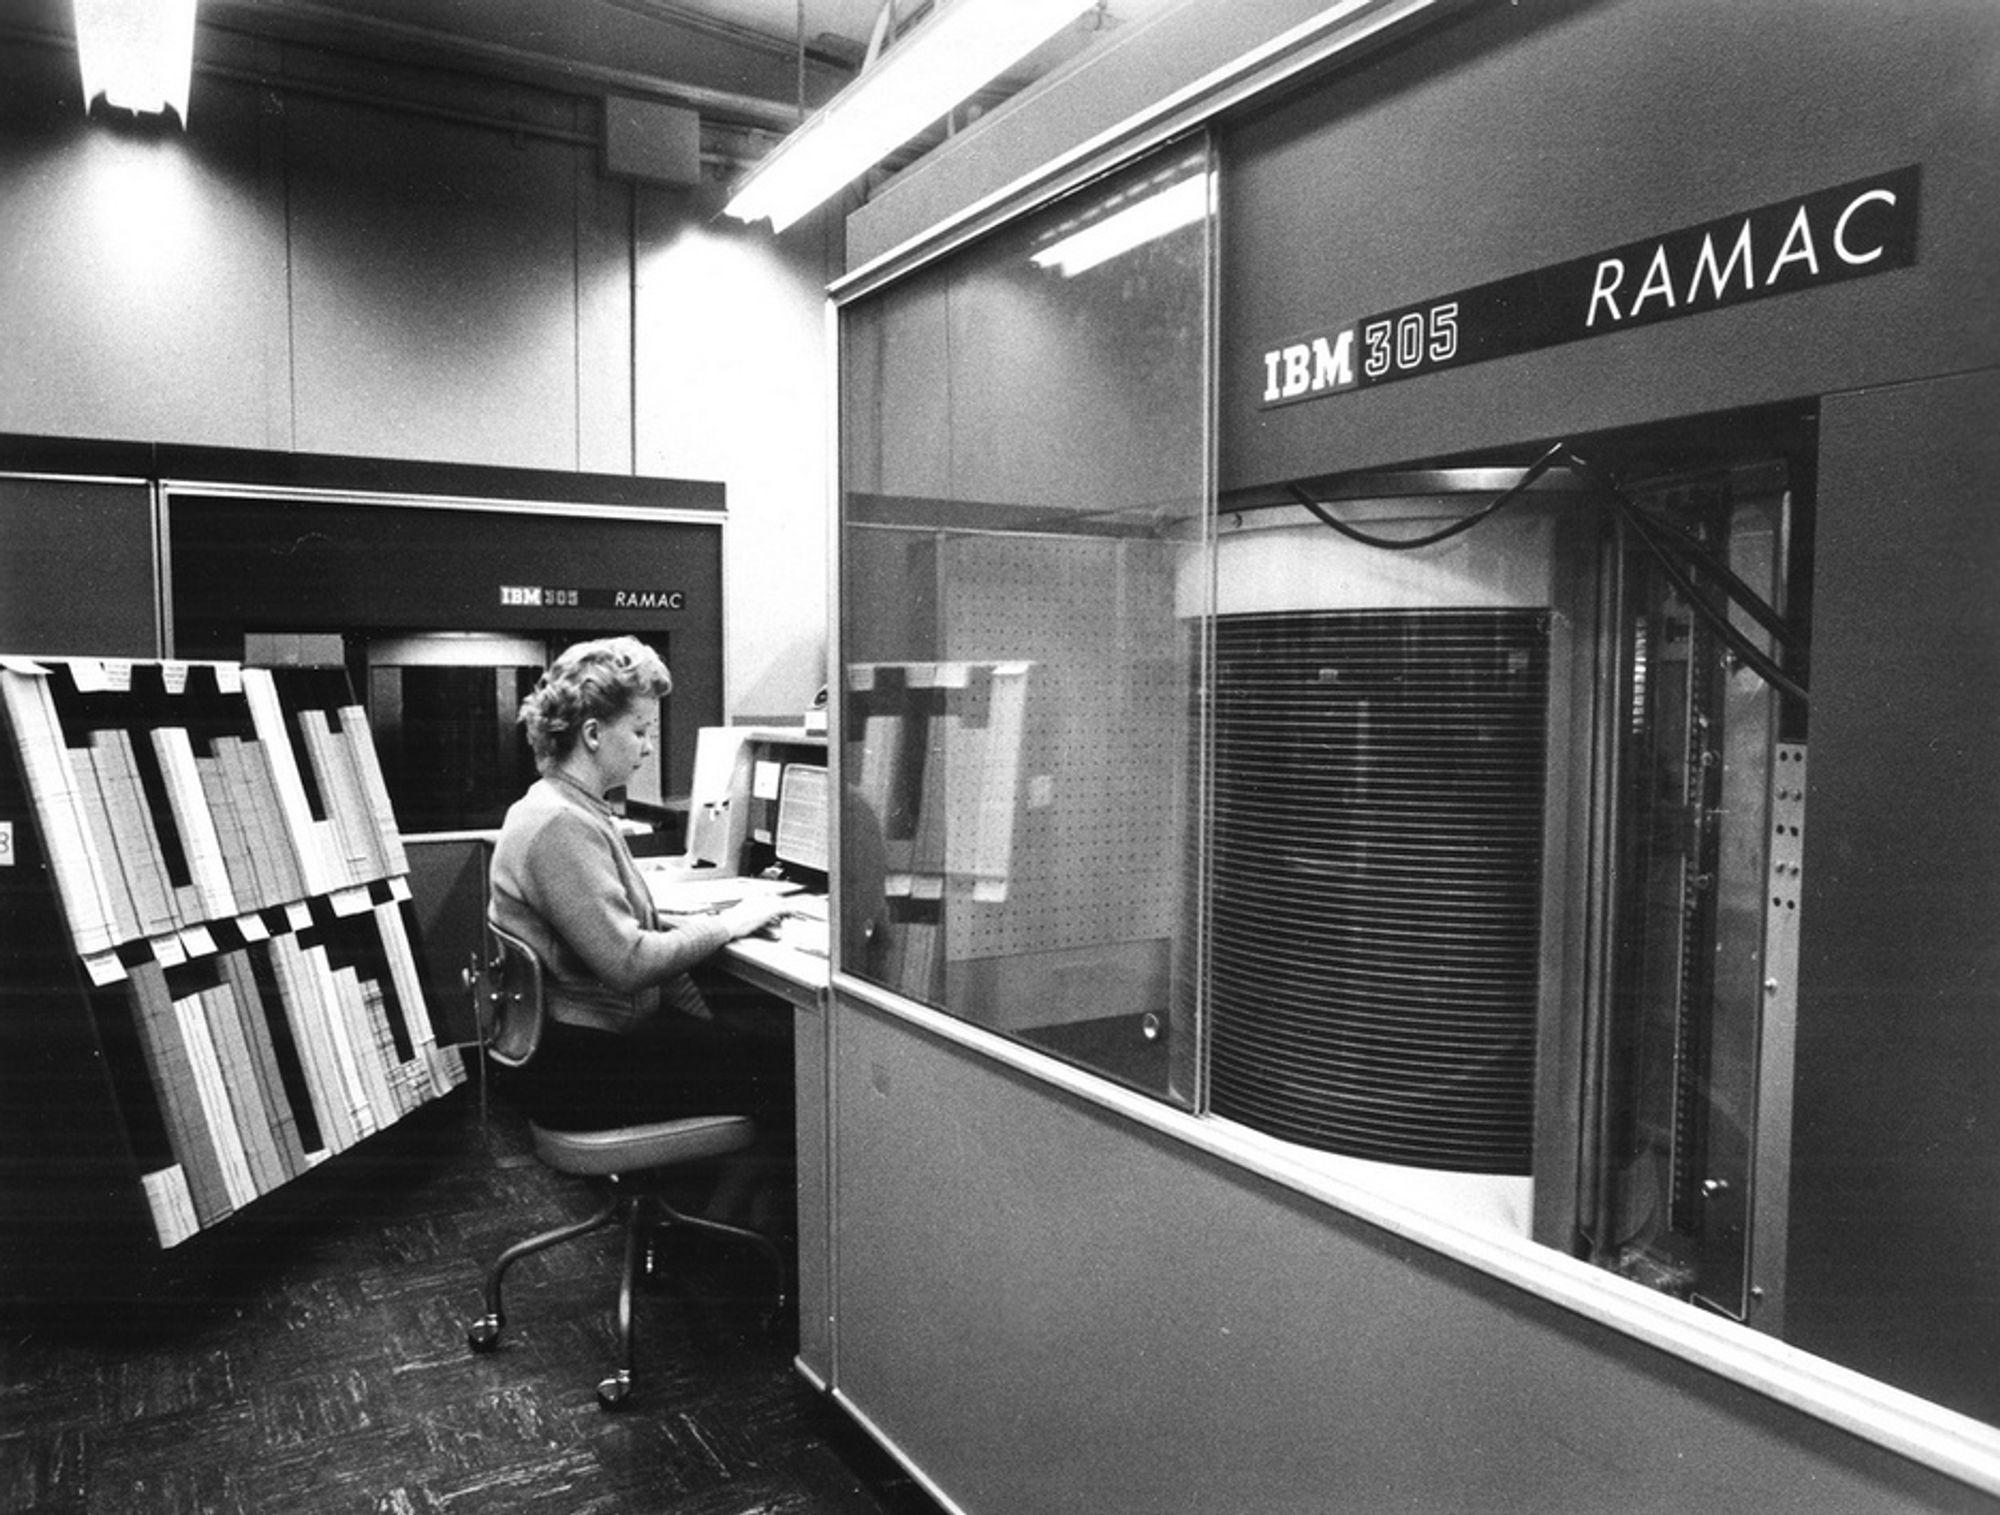 HARDDISKEN: IBM introduserte i 1956 305 RAMAC - Random Access Method of Accounting and Control. Det var verdens første harddisk som lynraskt kunne hente informasjon fra hele lageret. Et monster etter dagens standard med 50 disker på 60 cm i diameter som bare lagret 2000 bits per kvadrattomme. Totalt lagret den 10 MByte og veide ti tonn.